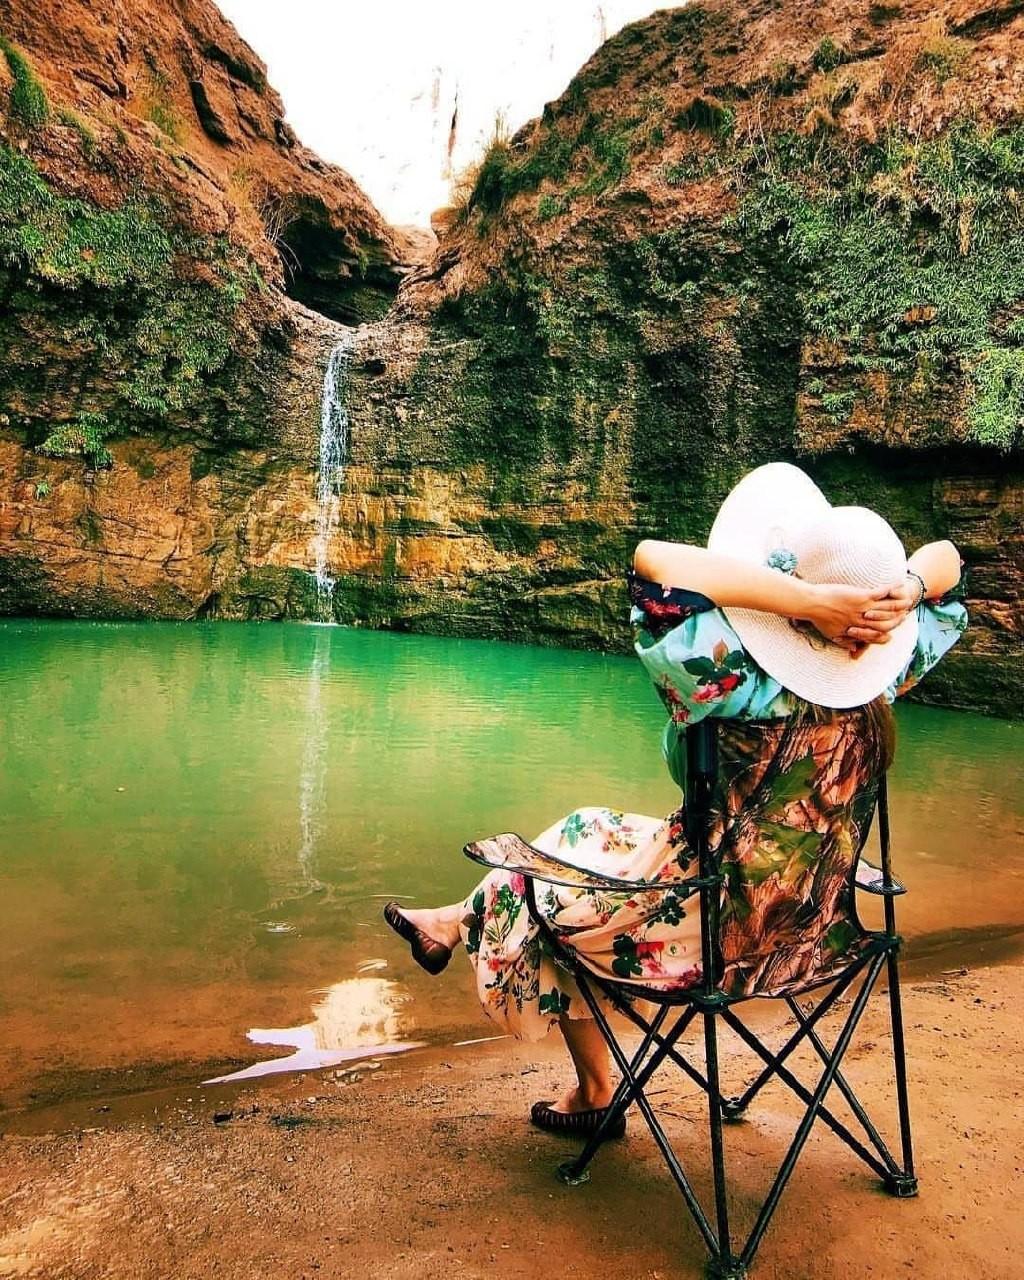 آبشار زیبای کشیت - کرمان